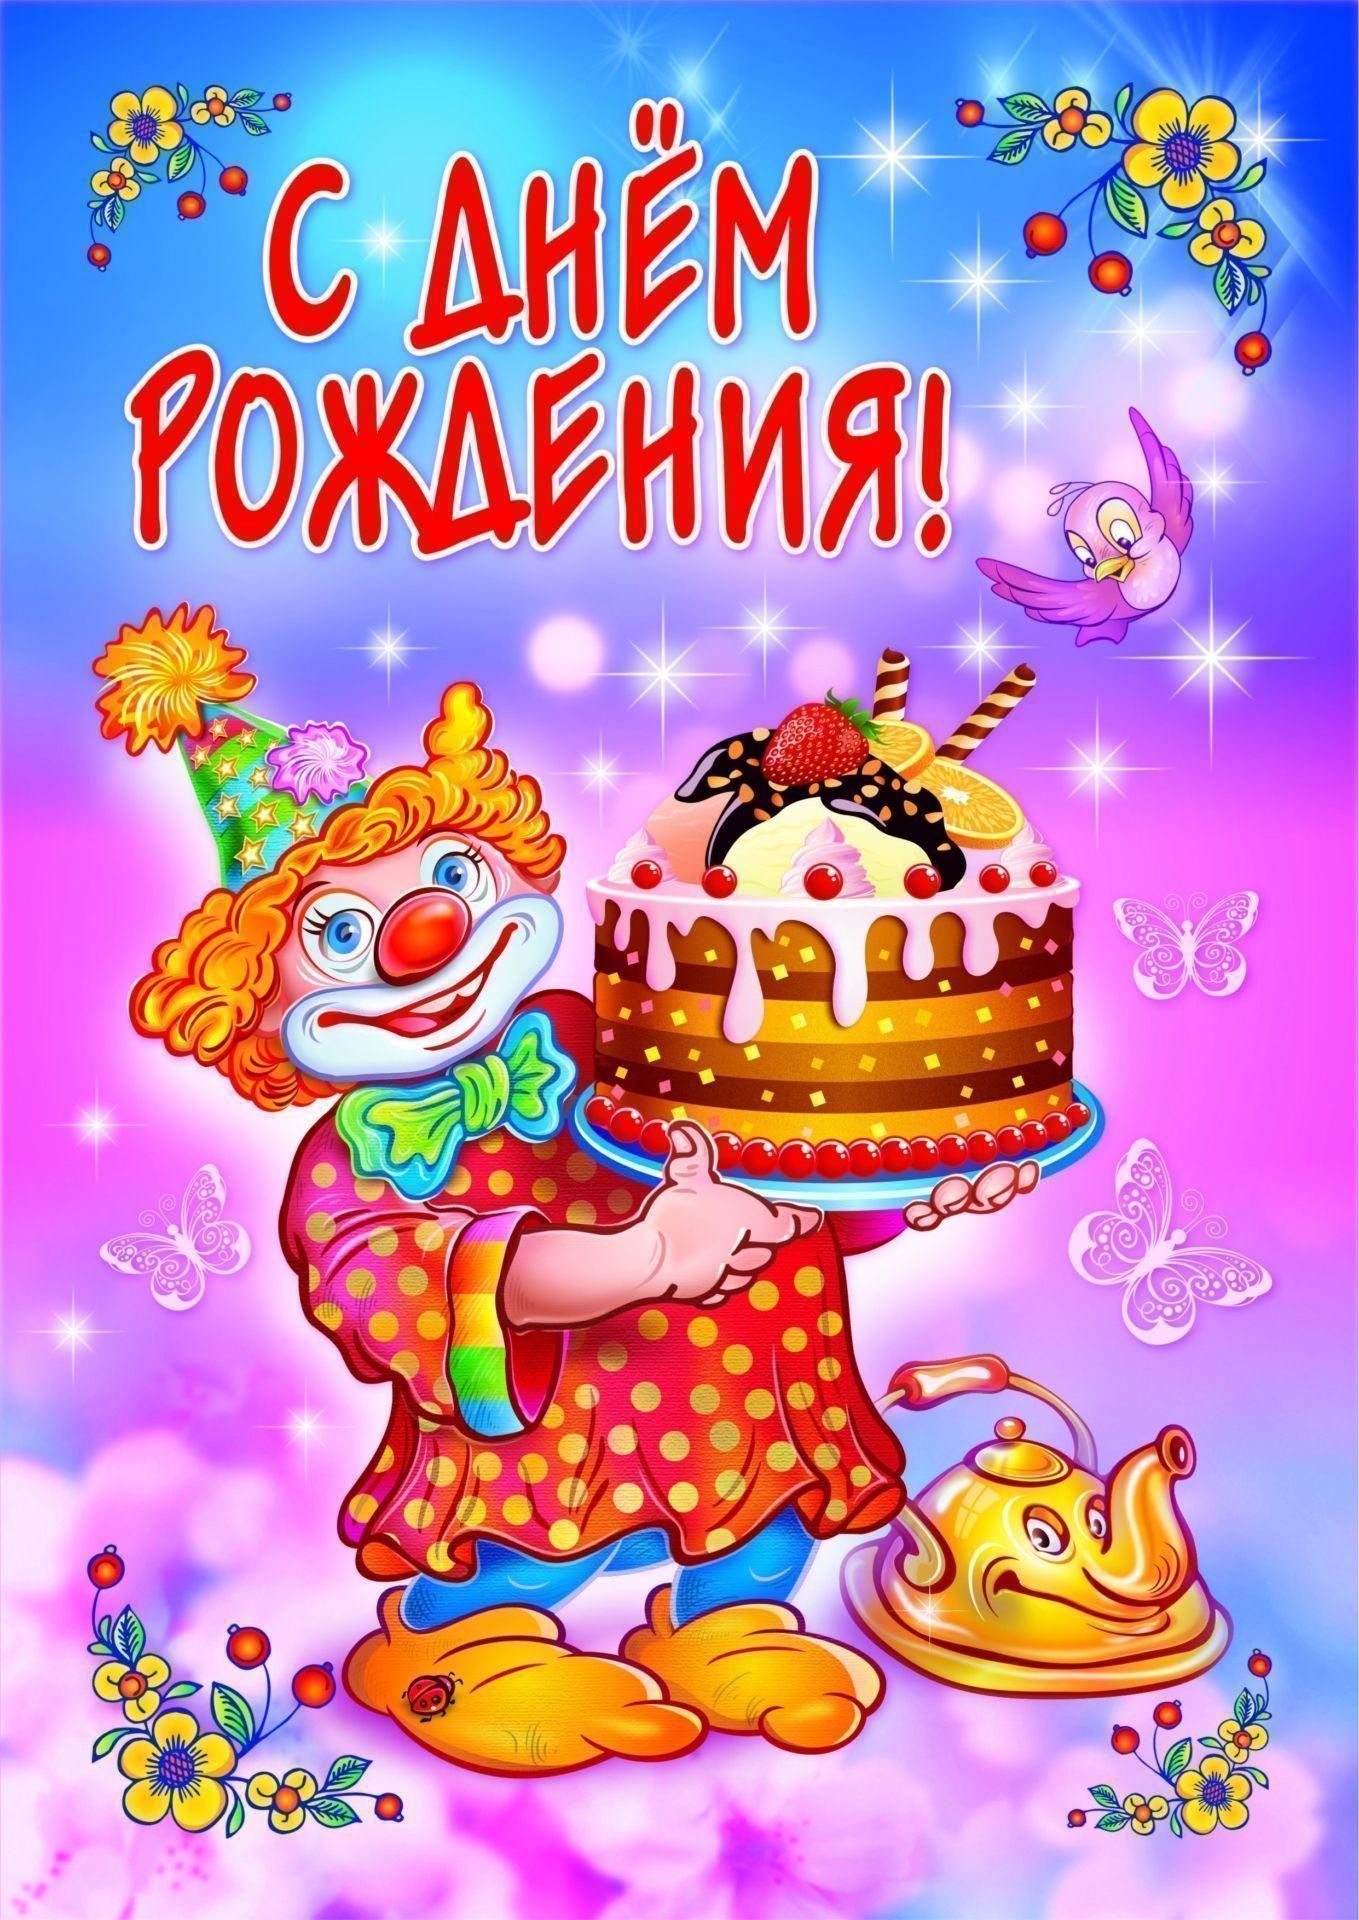 С днём рождения! (открытка)